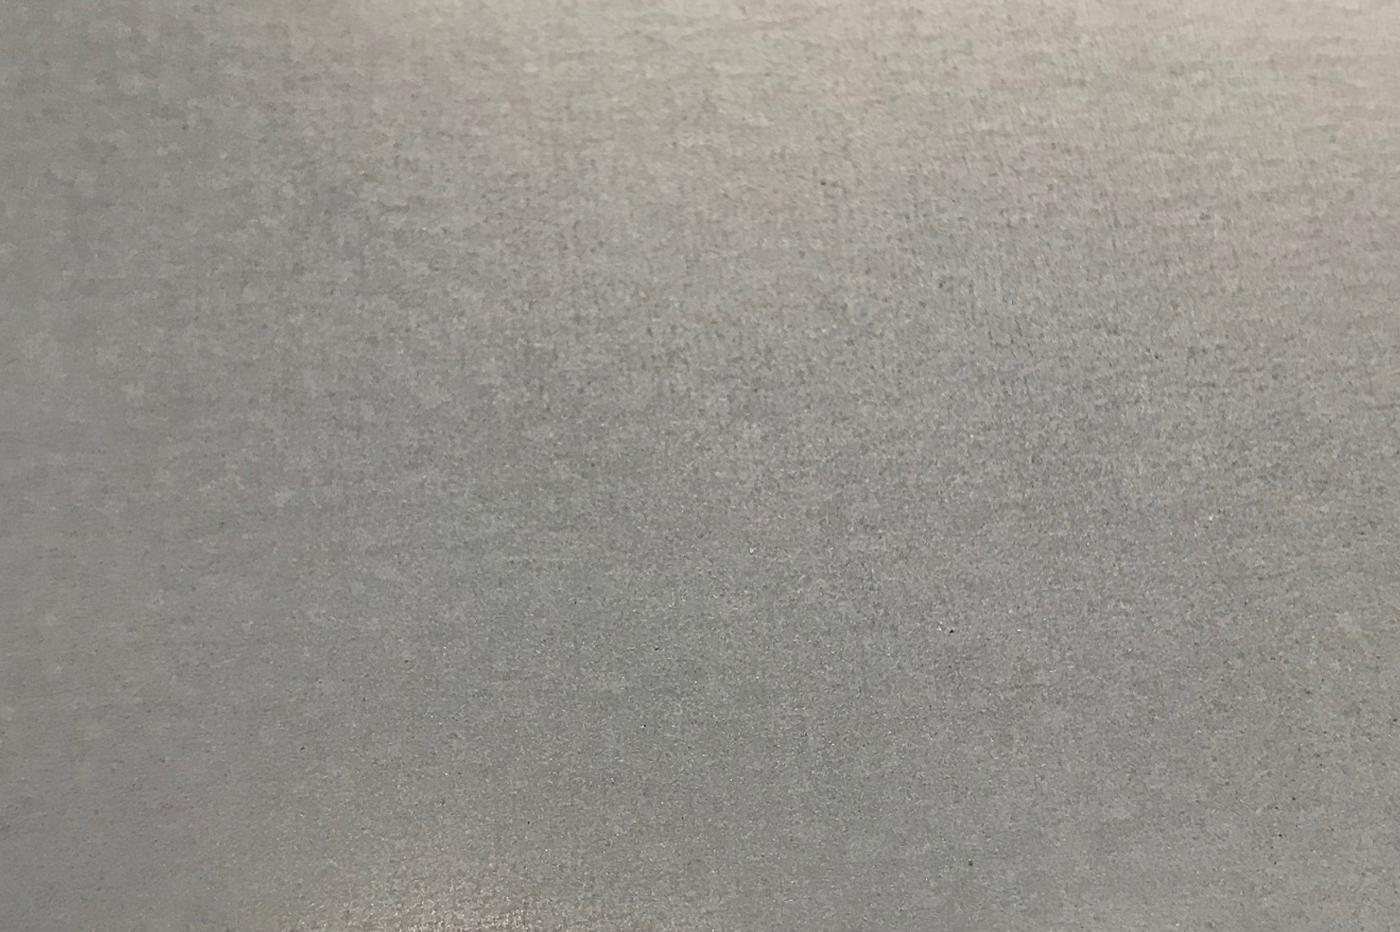 溶融亜鉛メッキ鋼板 塗装タイプ(ペンタイトN・アロイ)